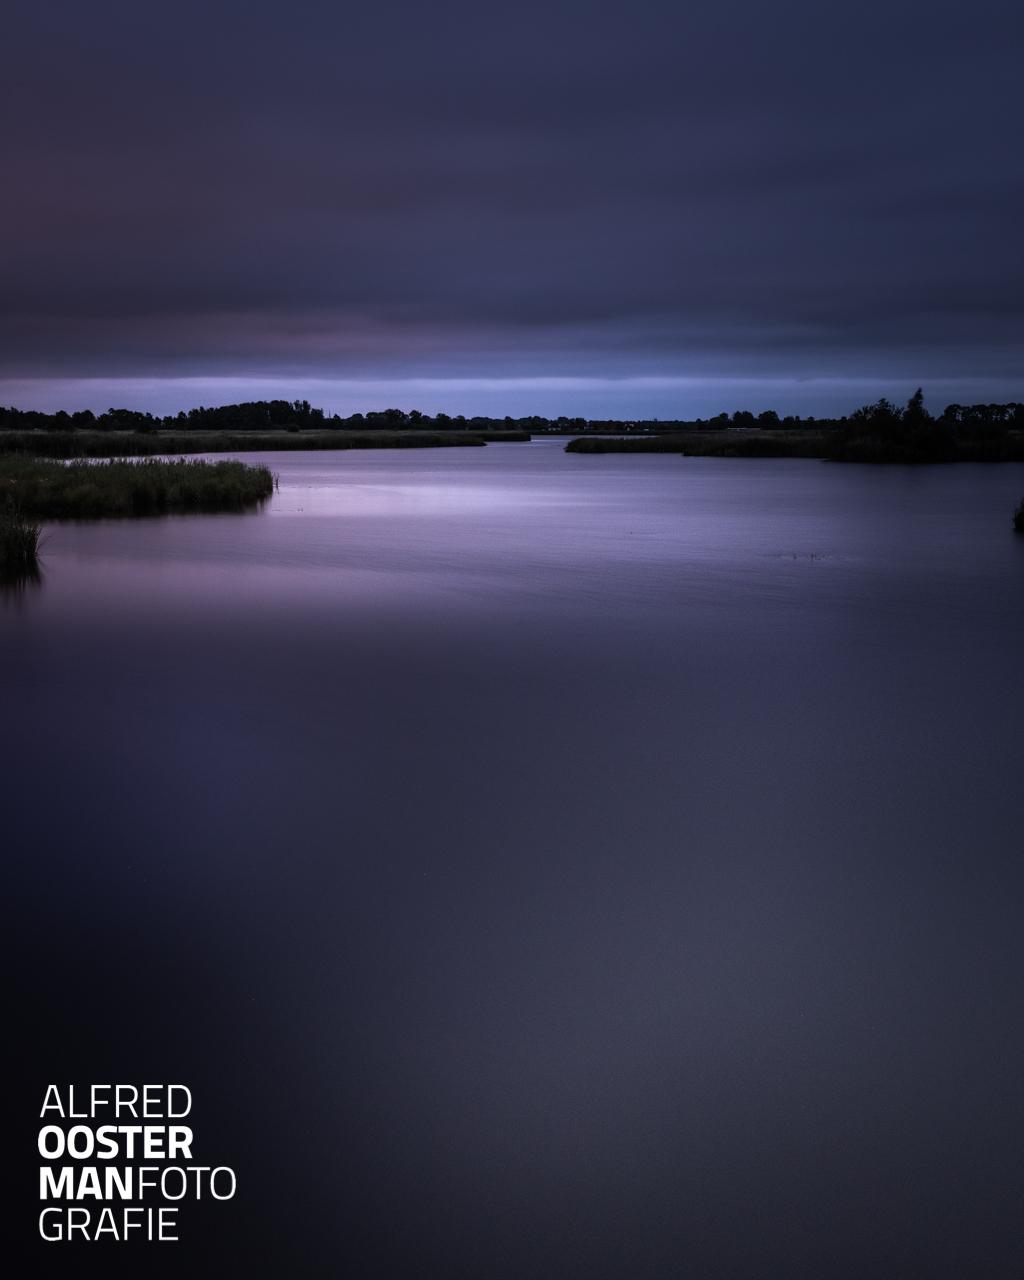 Het begin van de dag fotograferen in de Onlanden. Mooie kleuren en structuren duiken op als je gaat fotograferen met weinig licht.